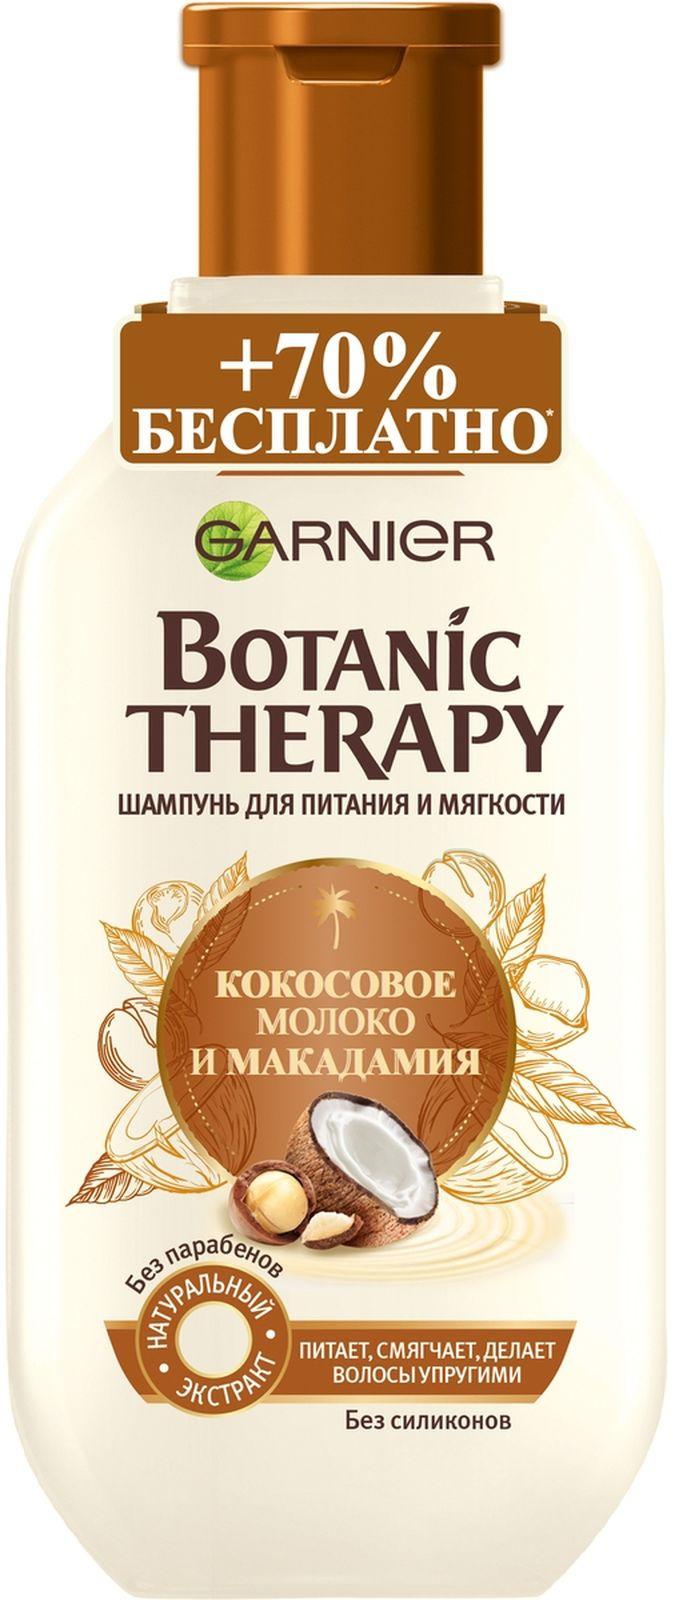 Шампунь Garnier Botanic Therapy Кокосовое молоко и Макадамия, для питания мягкости, 400 мл